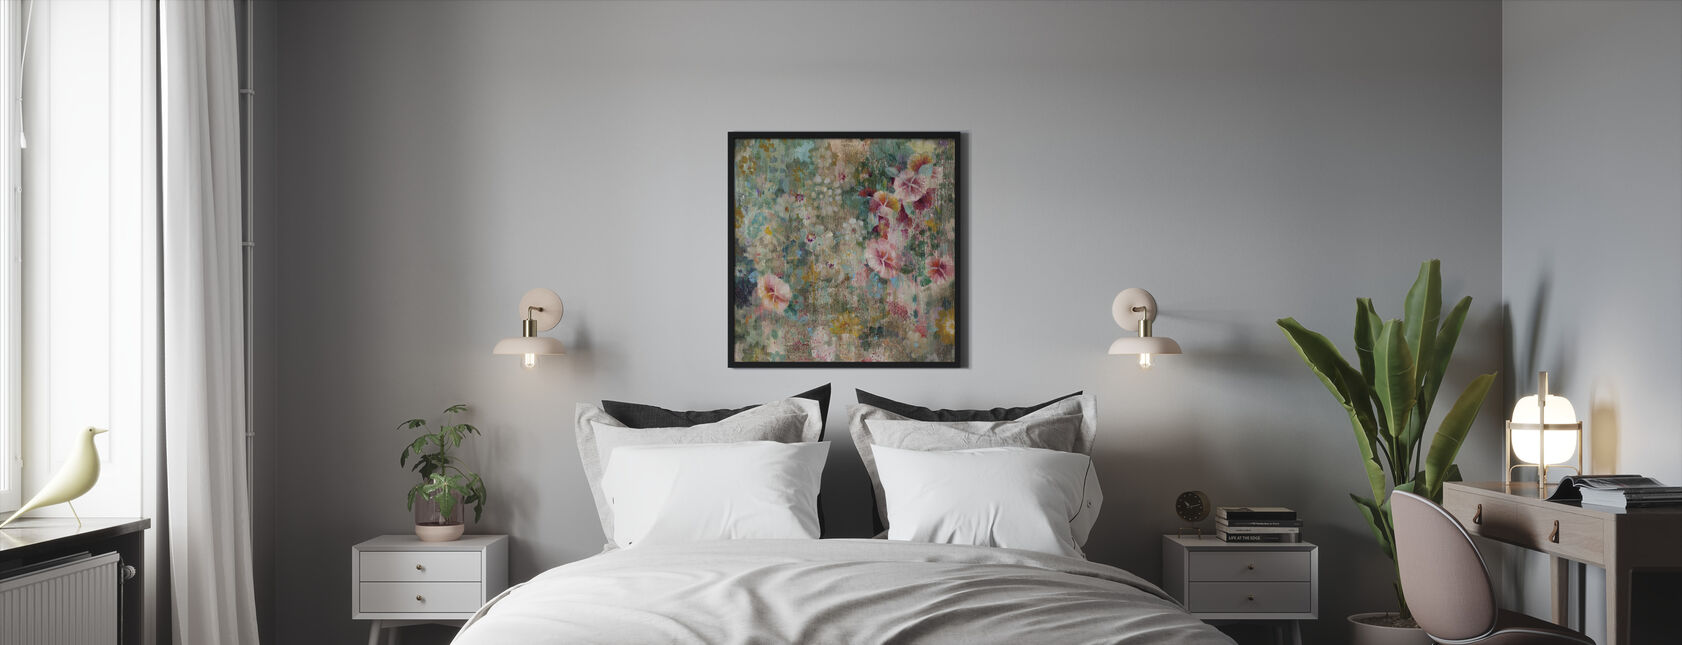 Blumendusche - Gerahmtes bild - Schlafzimmer